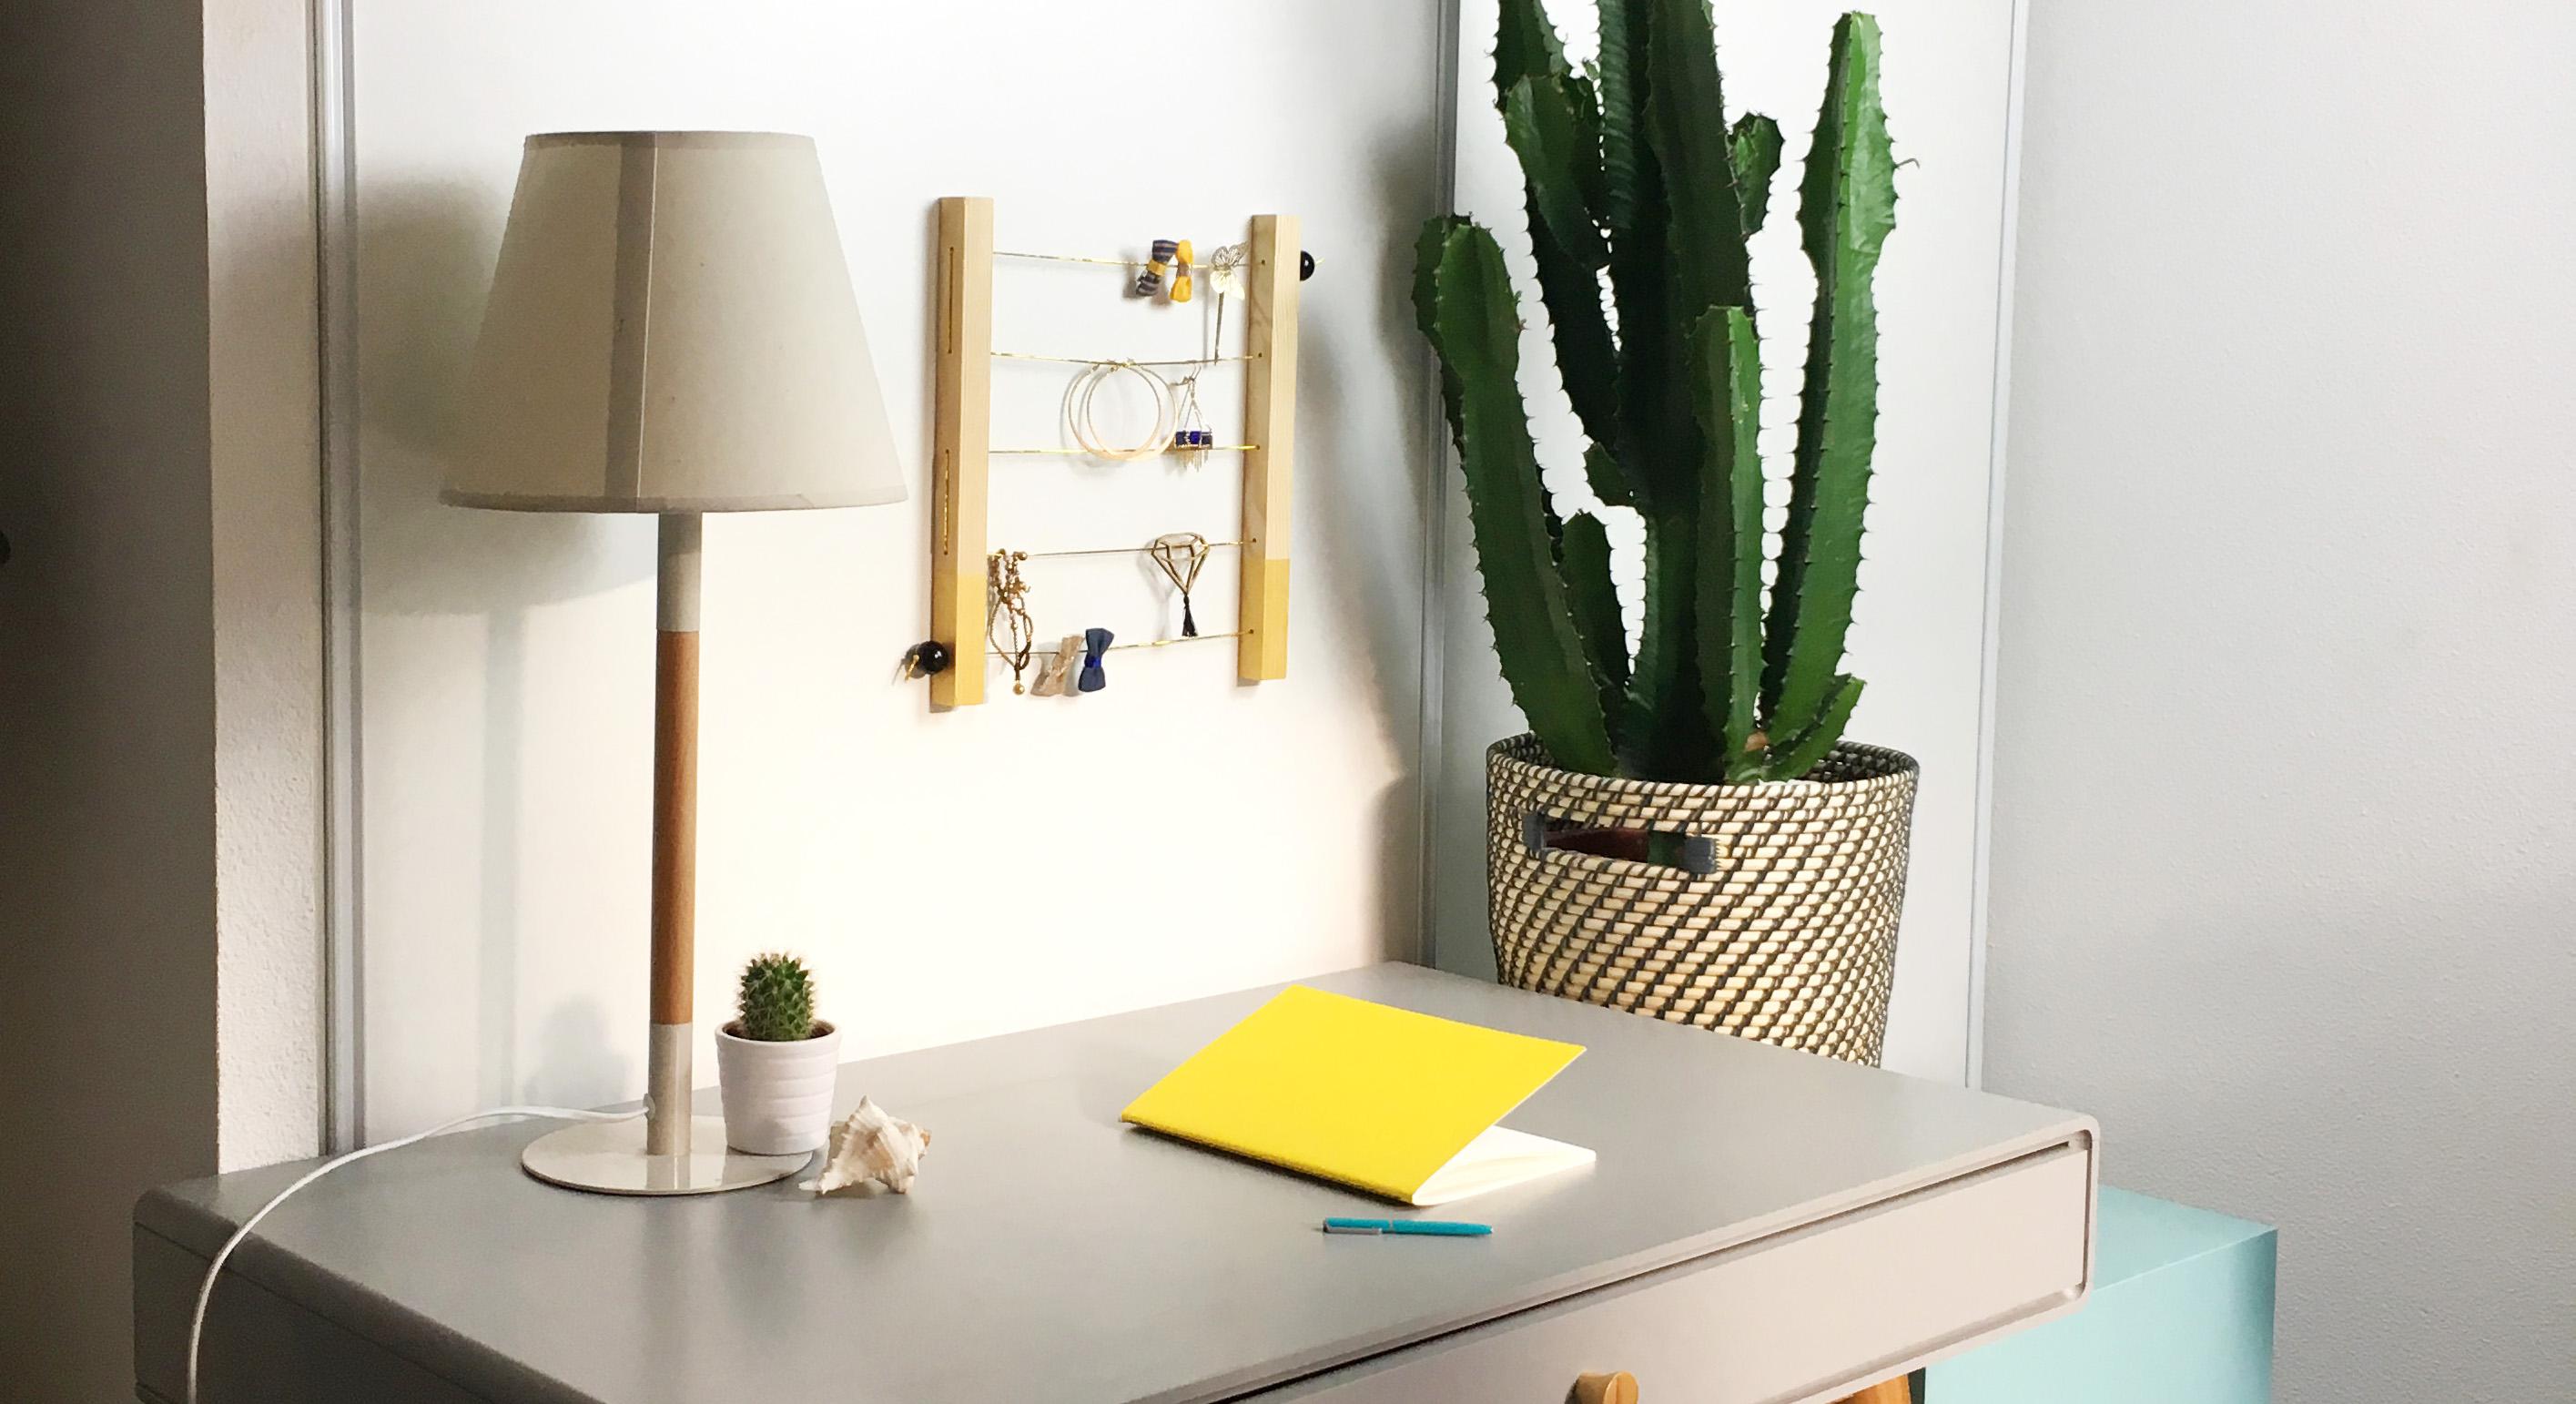 Atelier créatif à domicile, Box loisirs créatifs, Kit déco éco-responsable - kitik - déco murale à faire soi-même, créer ma propre déco, créer un objet de de décoration